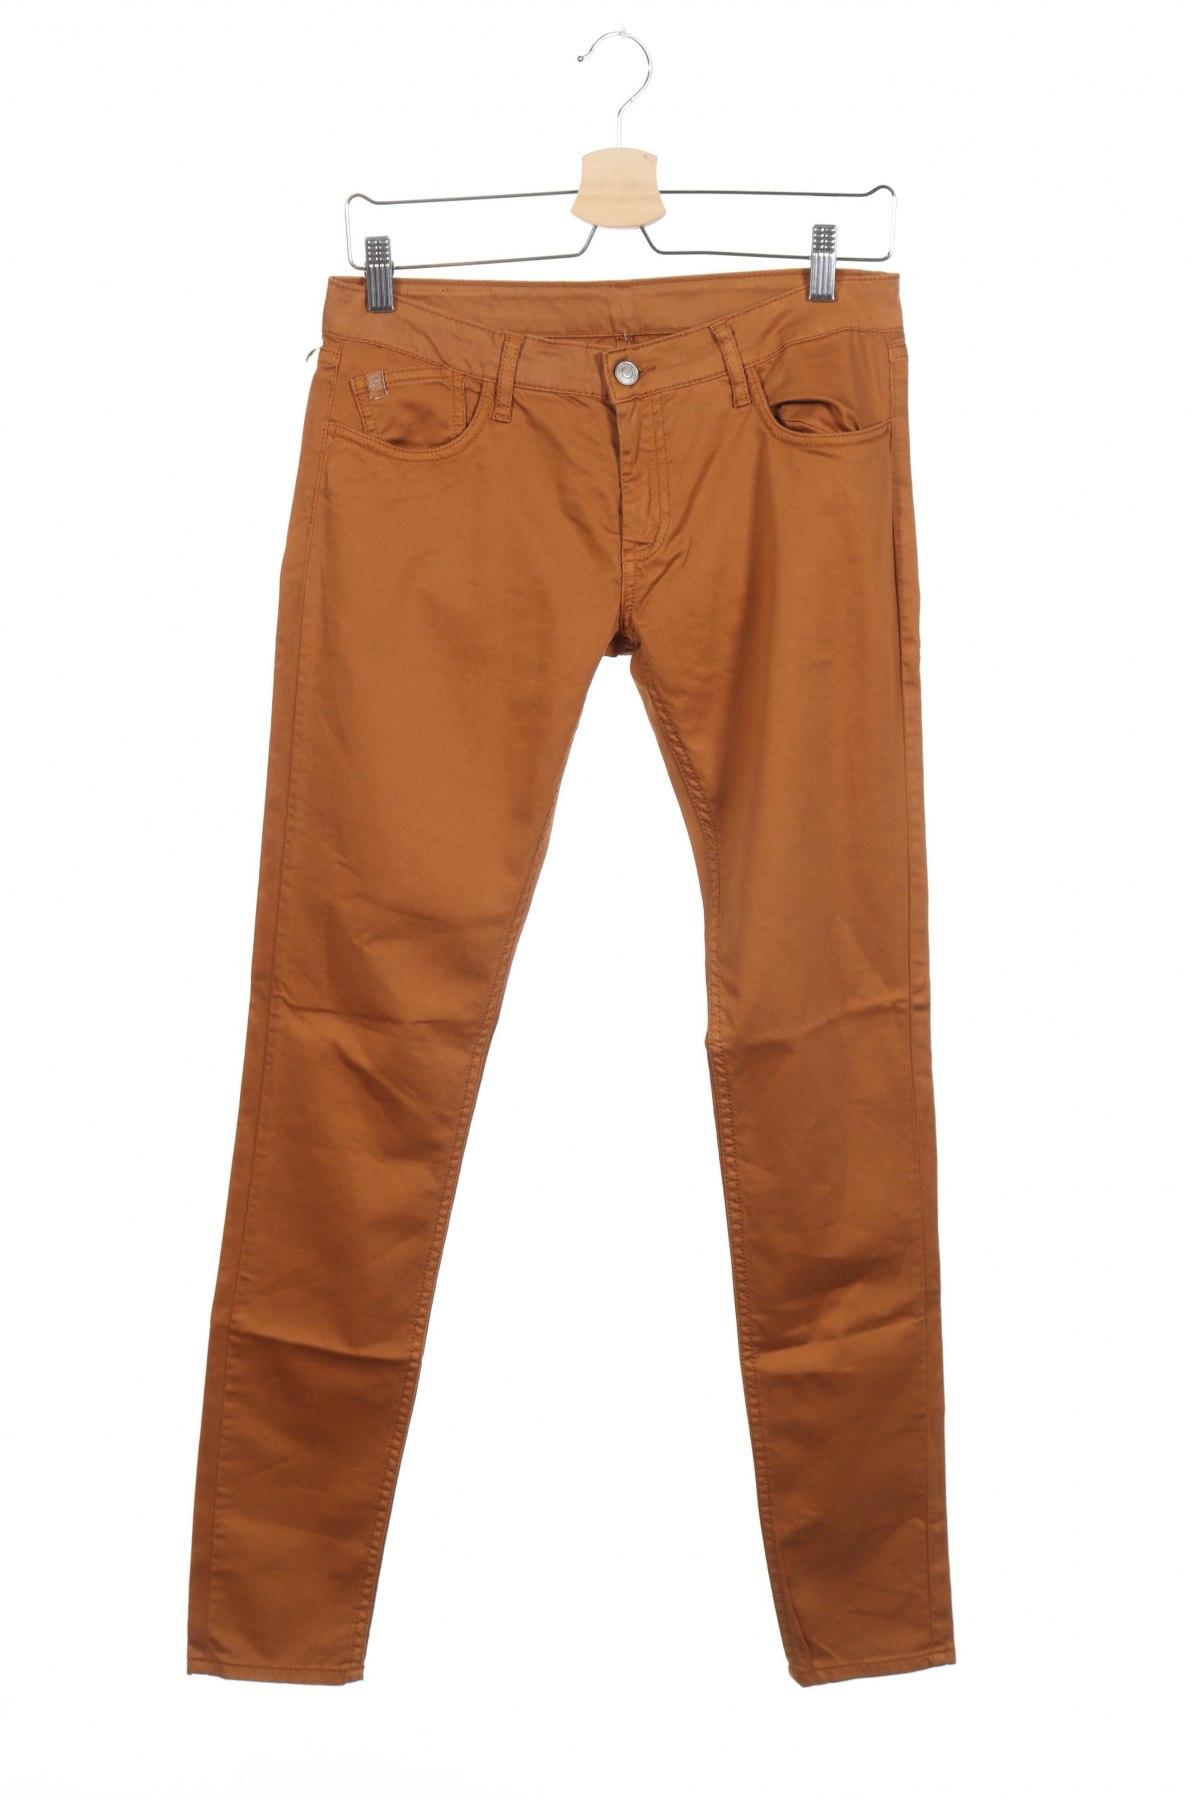 Дамски панталон Le Temps Des Cerises, Размер M, Цвят Кафяв, 97% памук, 3% еластан, Цена 18,48лв.